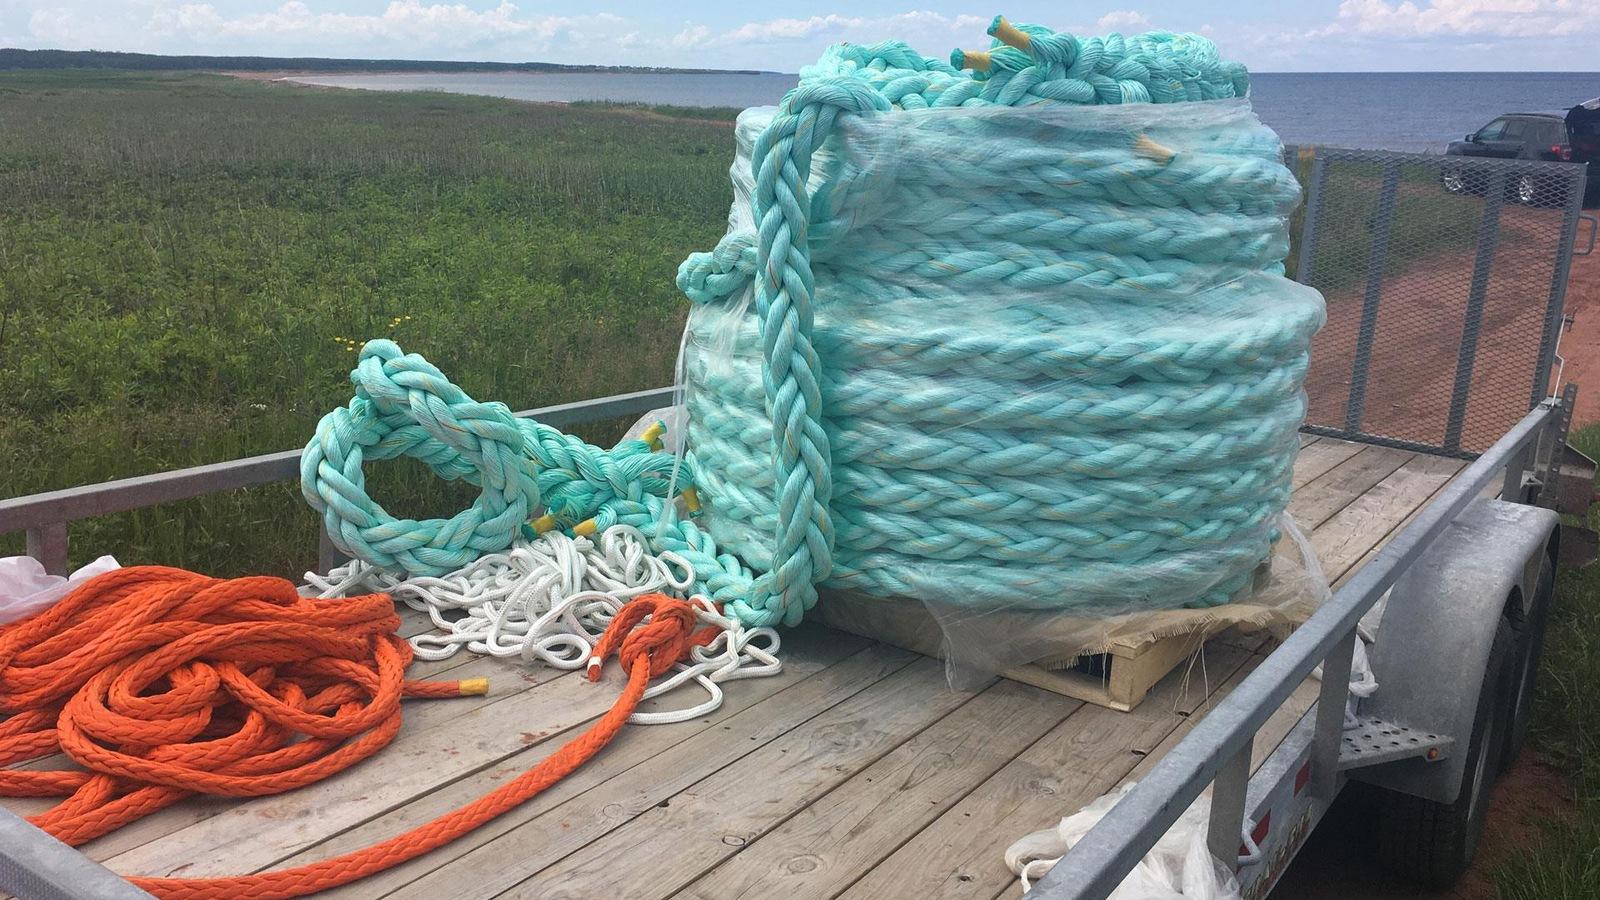 Des rouleaux de cordes sur une remorque.